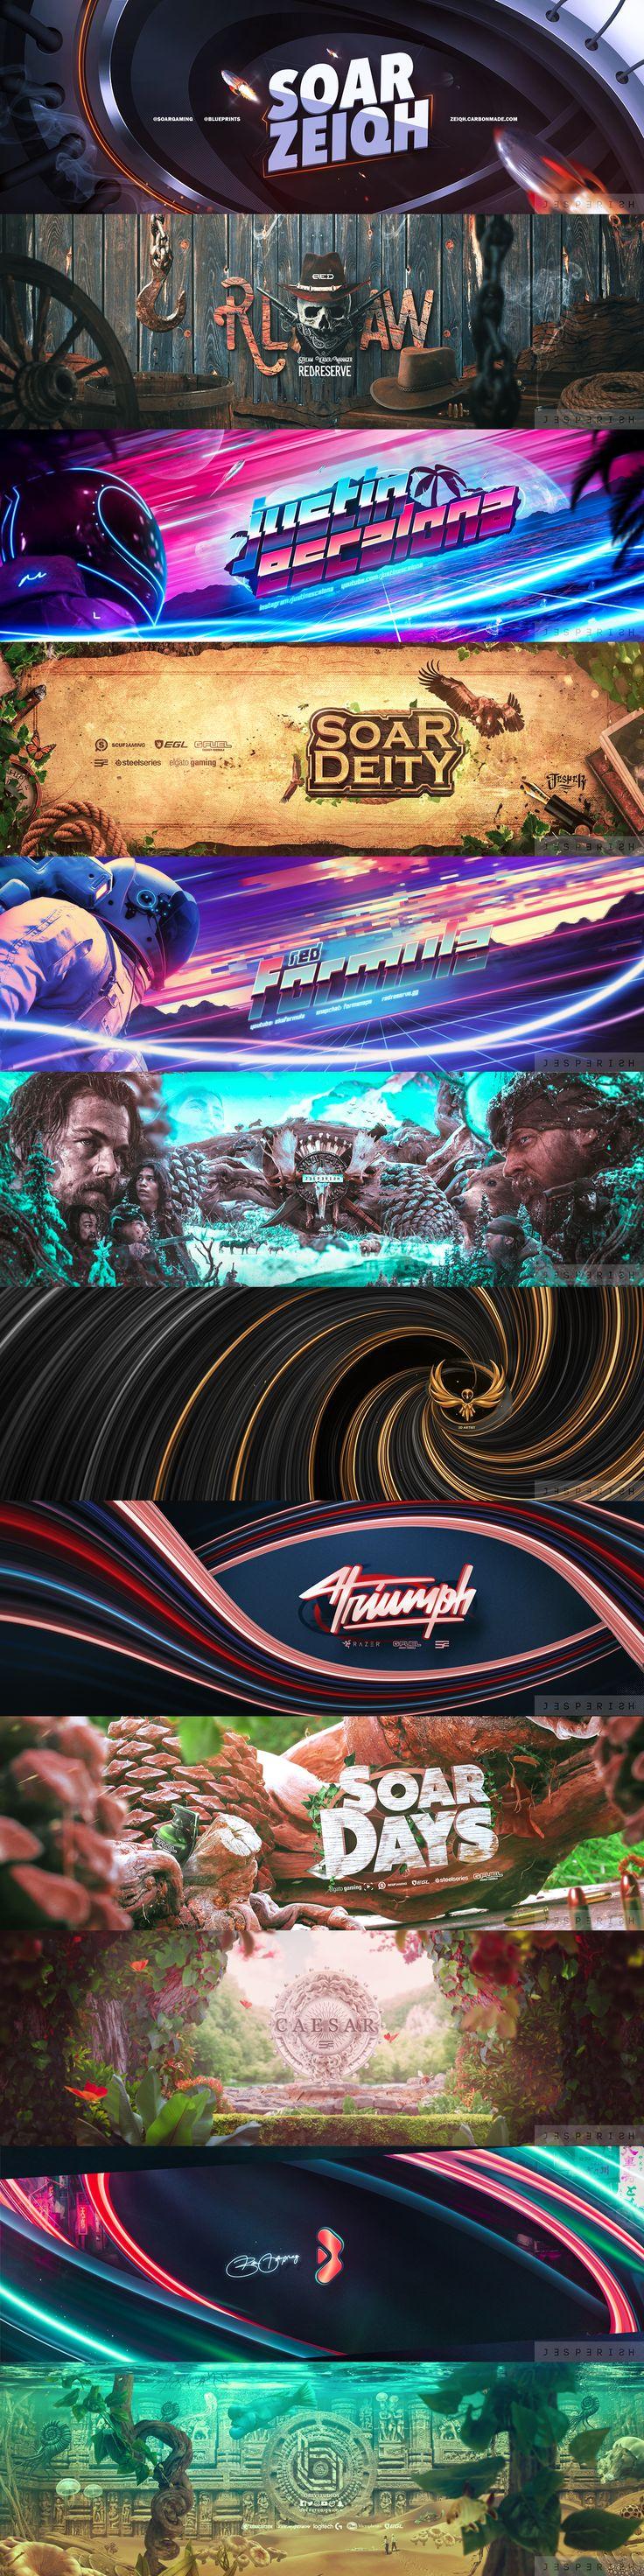 Twitter Banner design on Behance